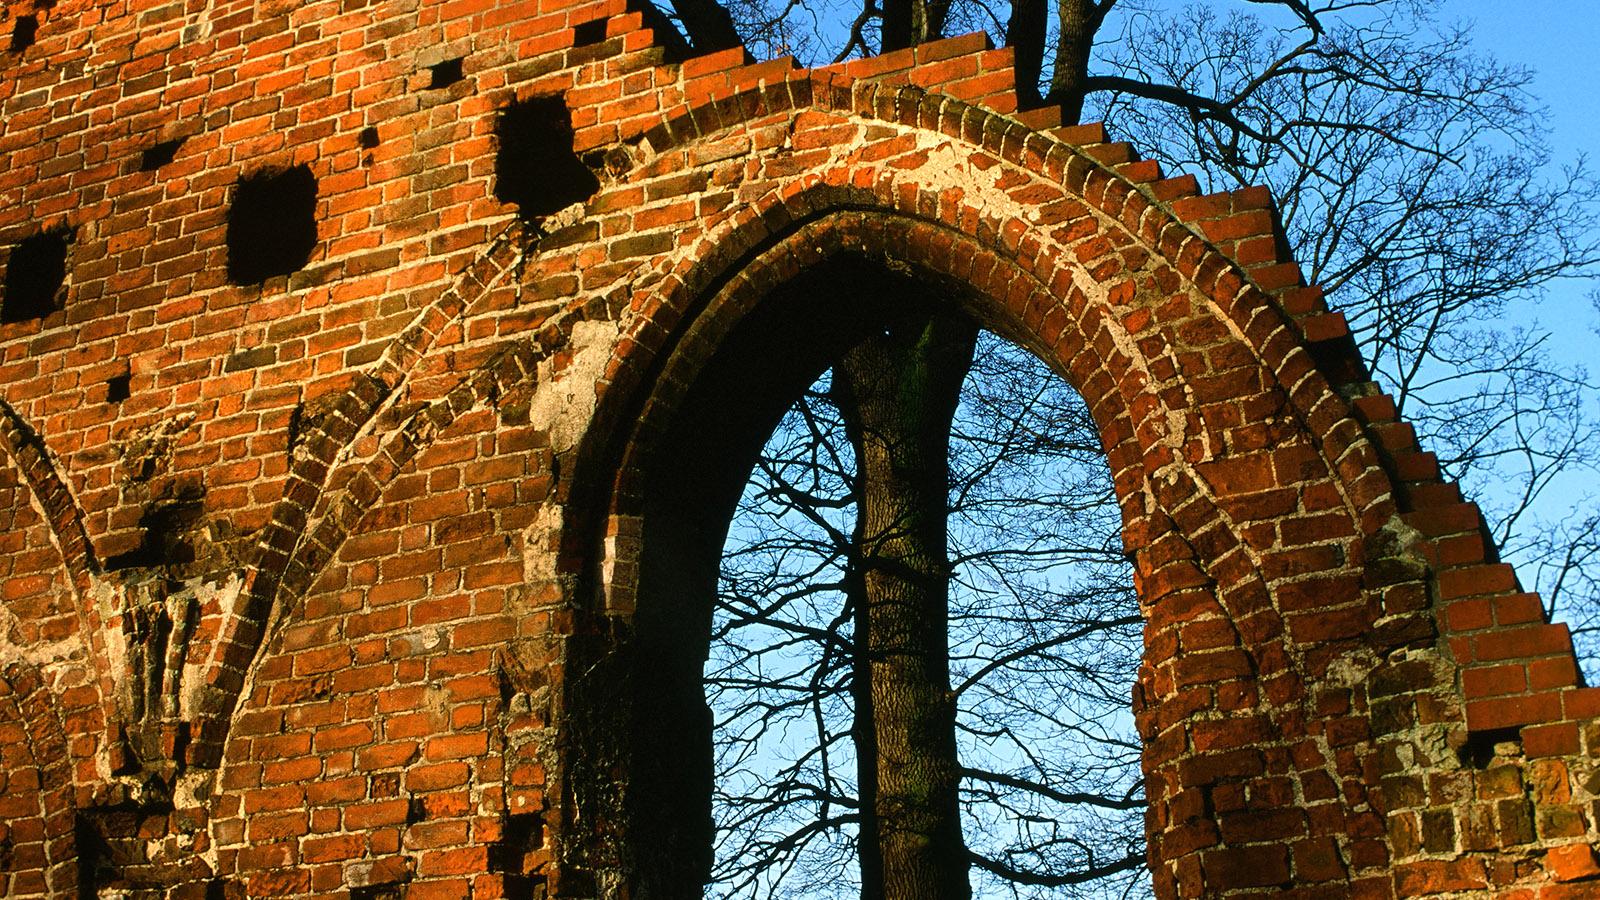 Nur wenige Details der Klosterruine Eldena sind erhalten - doch sie bezeugen die hohe Baukunst der norddeutschen Backsteingotik. Foto: Hilke Maunder